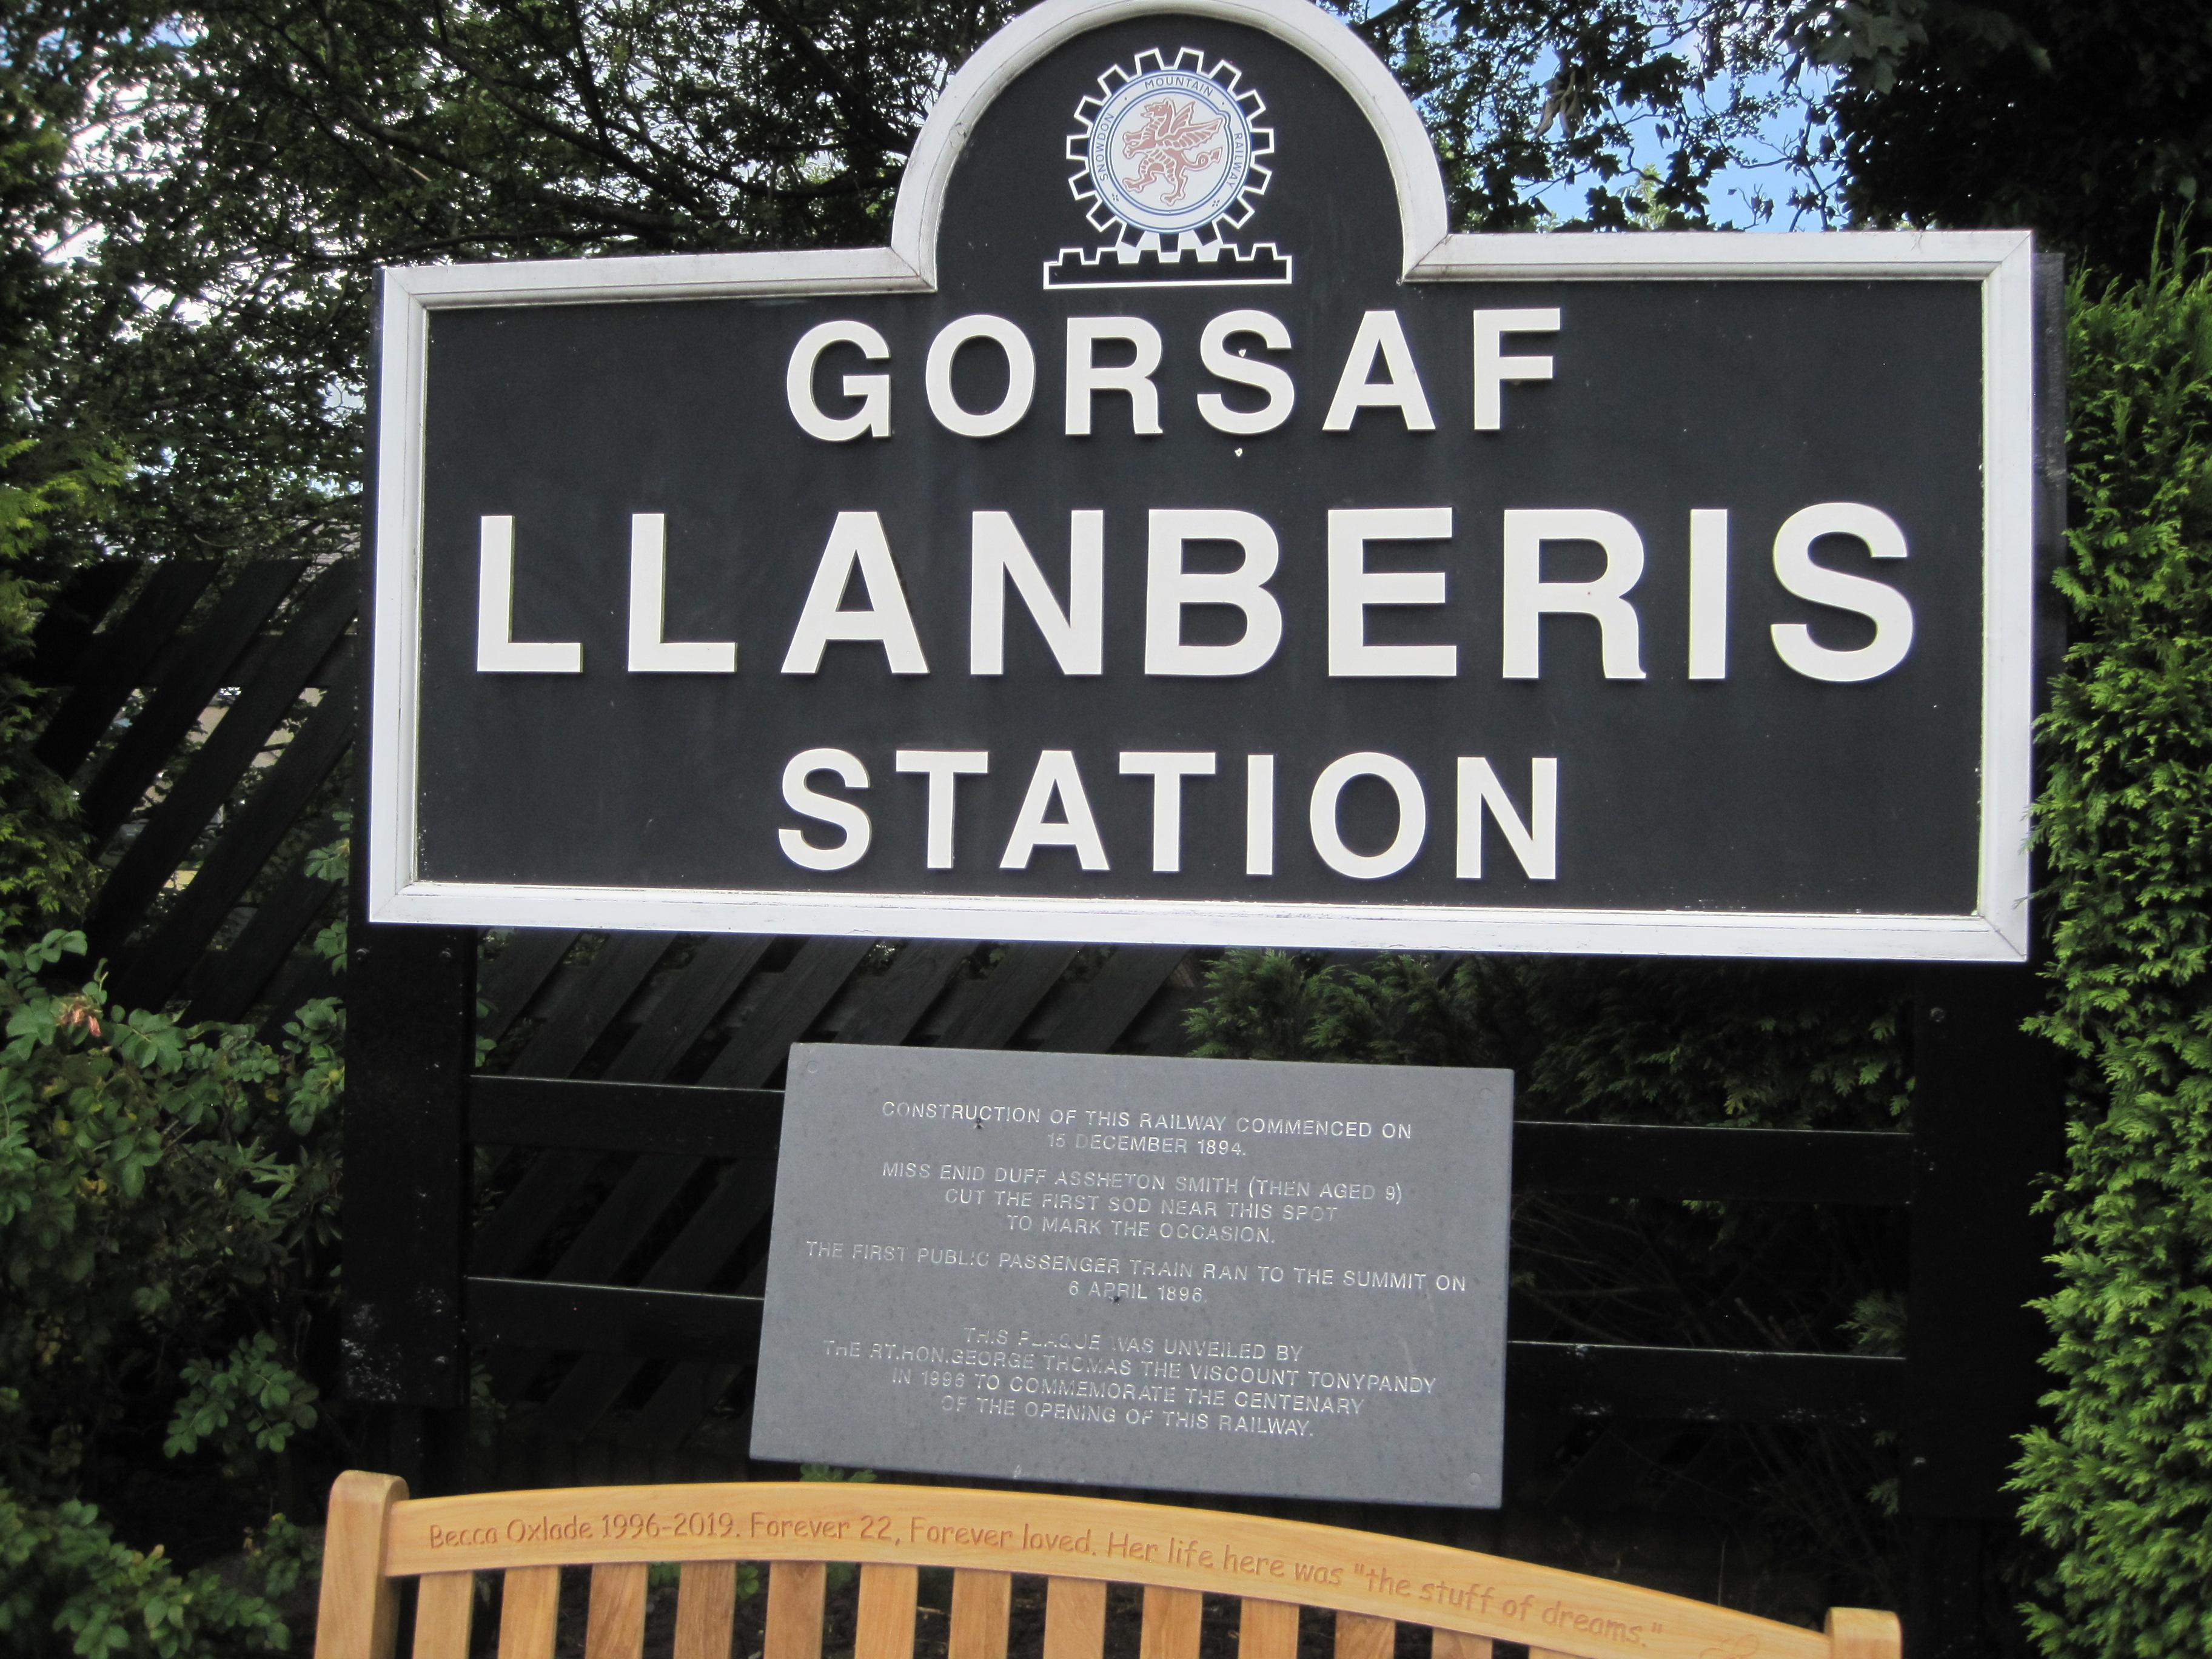 Llanberis Station - photo by juliamaud